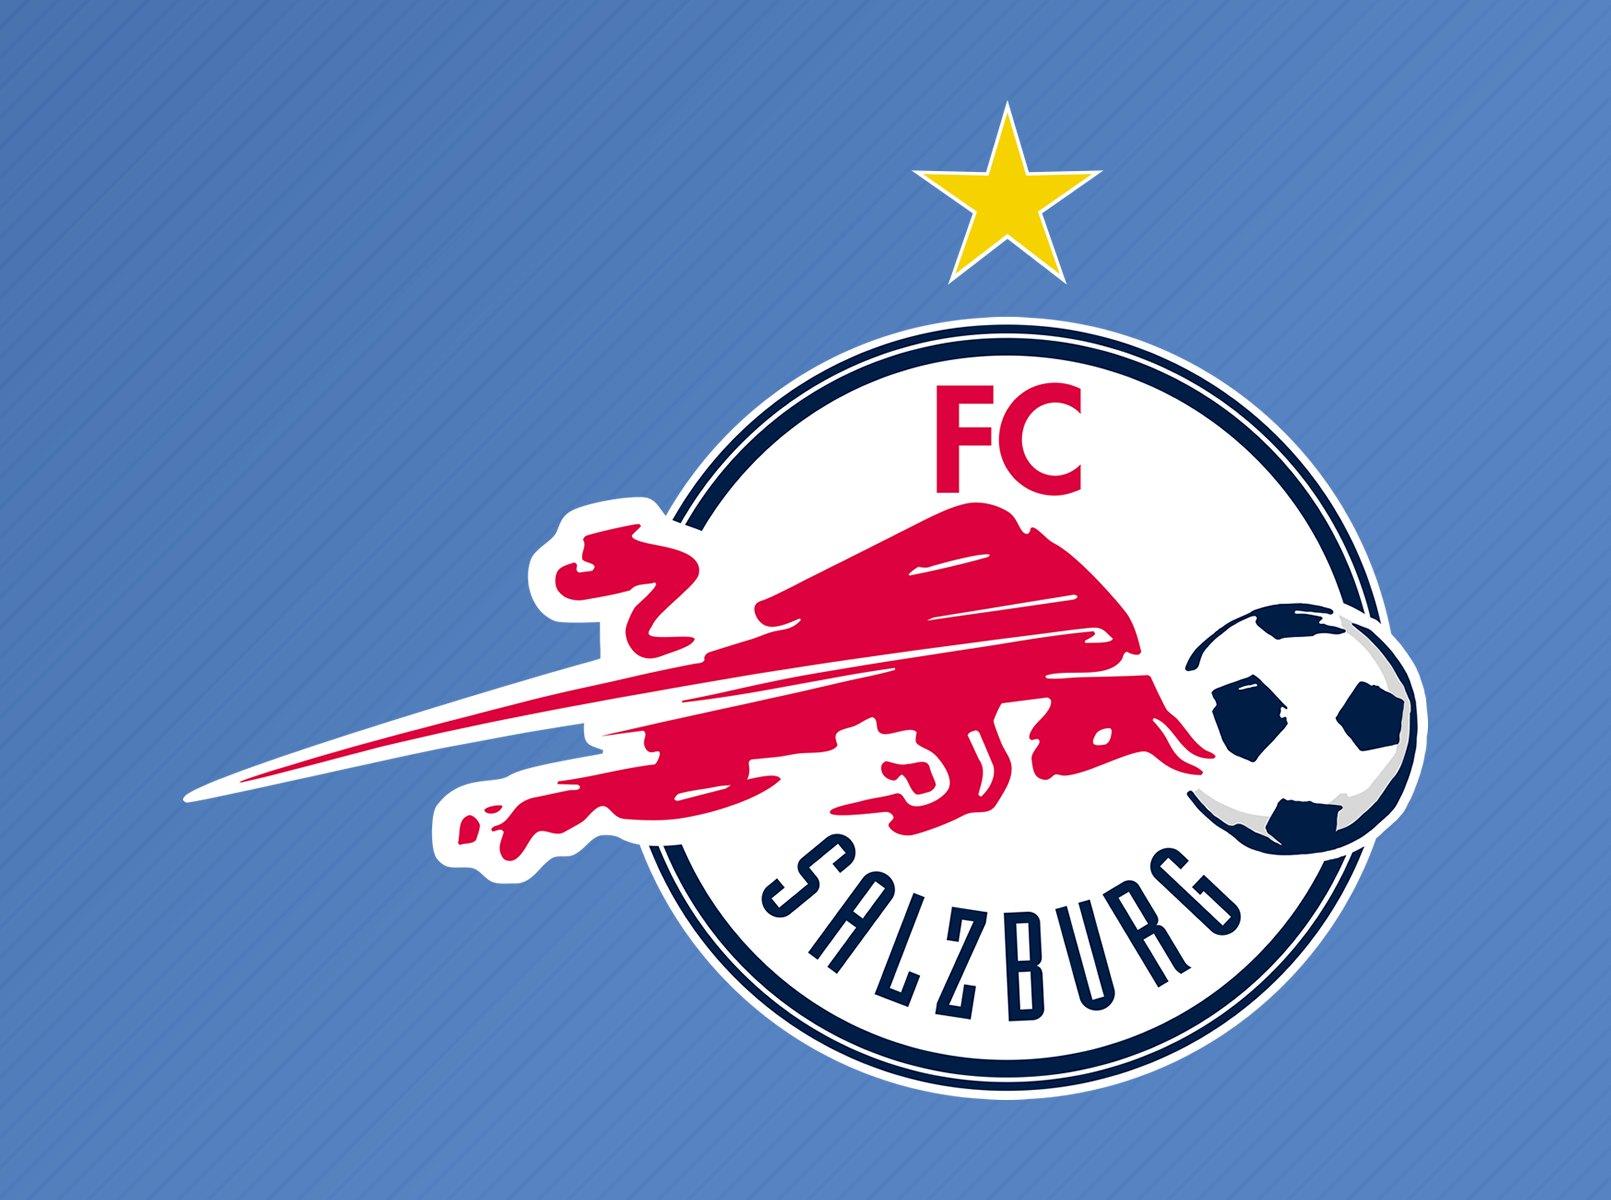 Escudo alternativo del Salzburg para las competiciones europeas